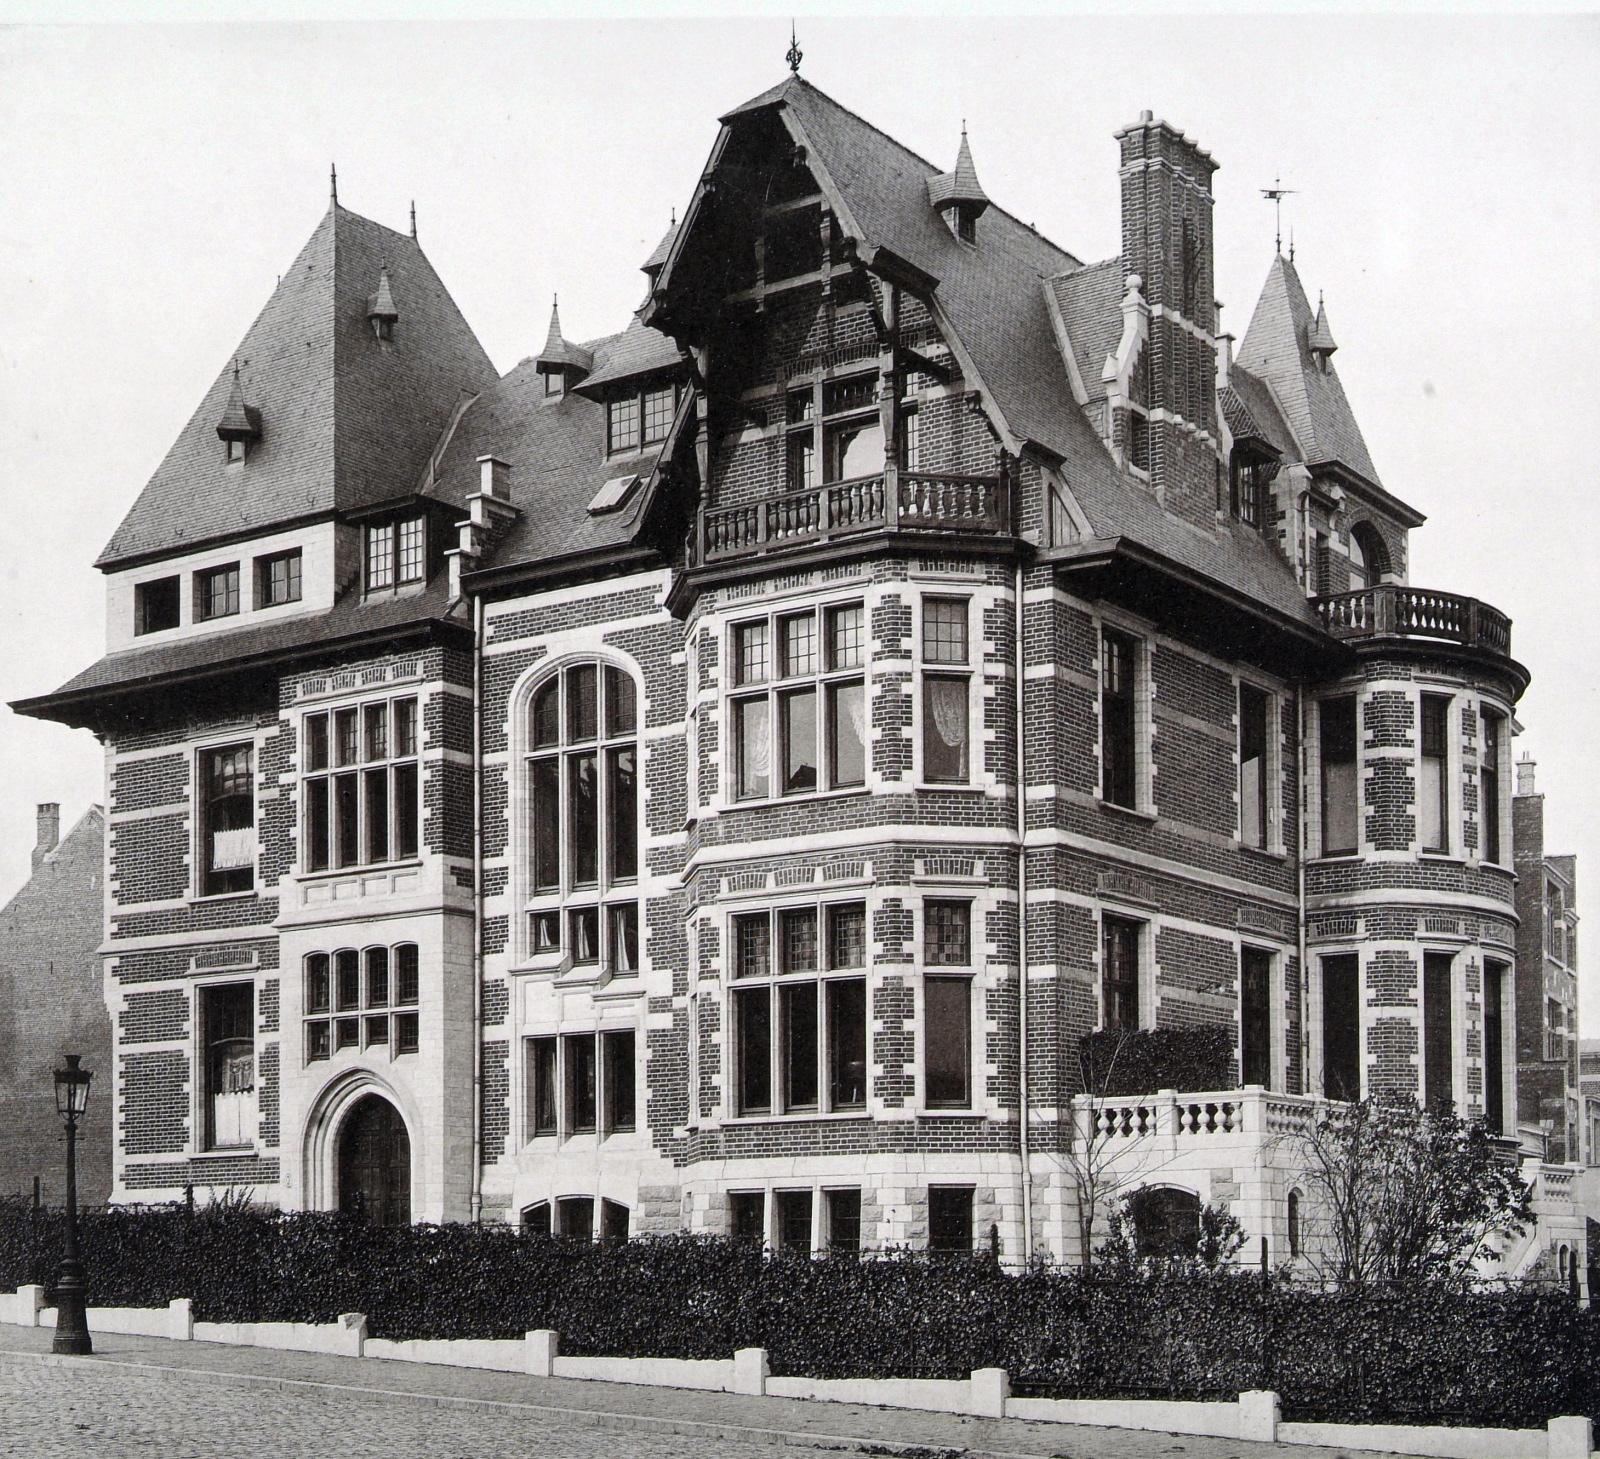 À l\'angle de la rue de la Vallée, villa de style néo-Renaissance flamande conçue en 1898 par l\'architecte Gustave GHYSELS, démolie (L\'Émulation, 1902, pl. 8).